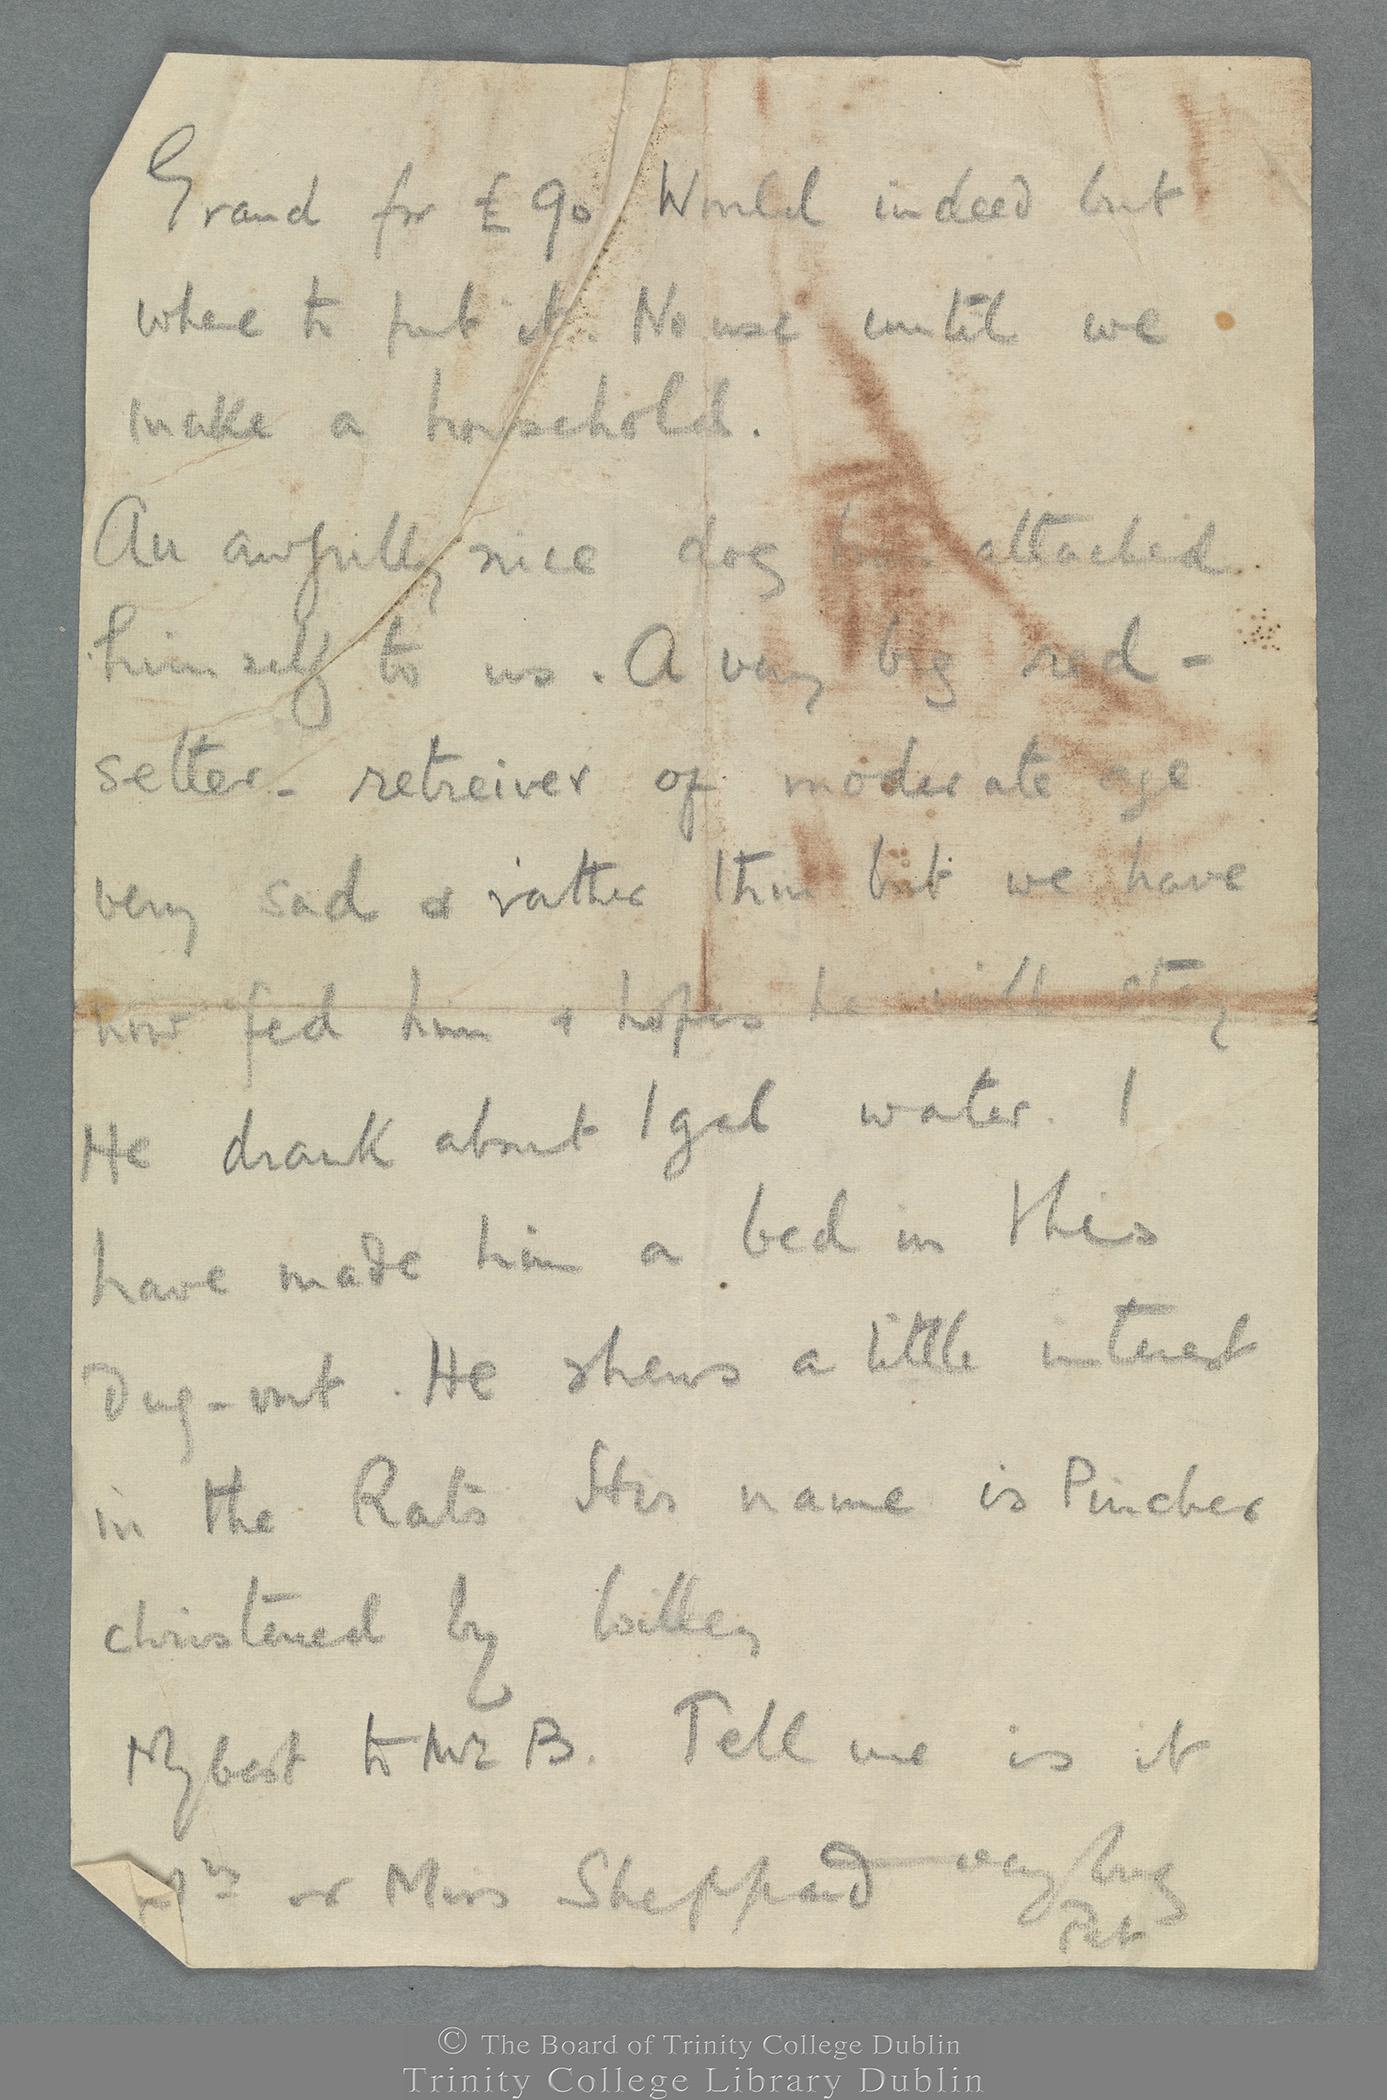 TCD MS 11274/47 folio 2 verso